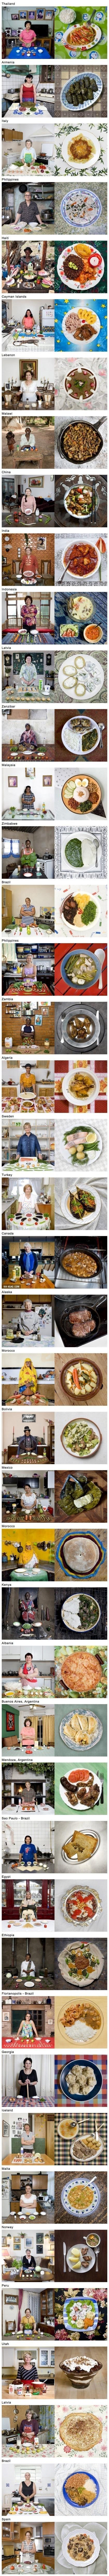 나라별 할머니 음식.jpg